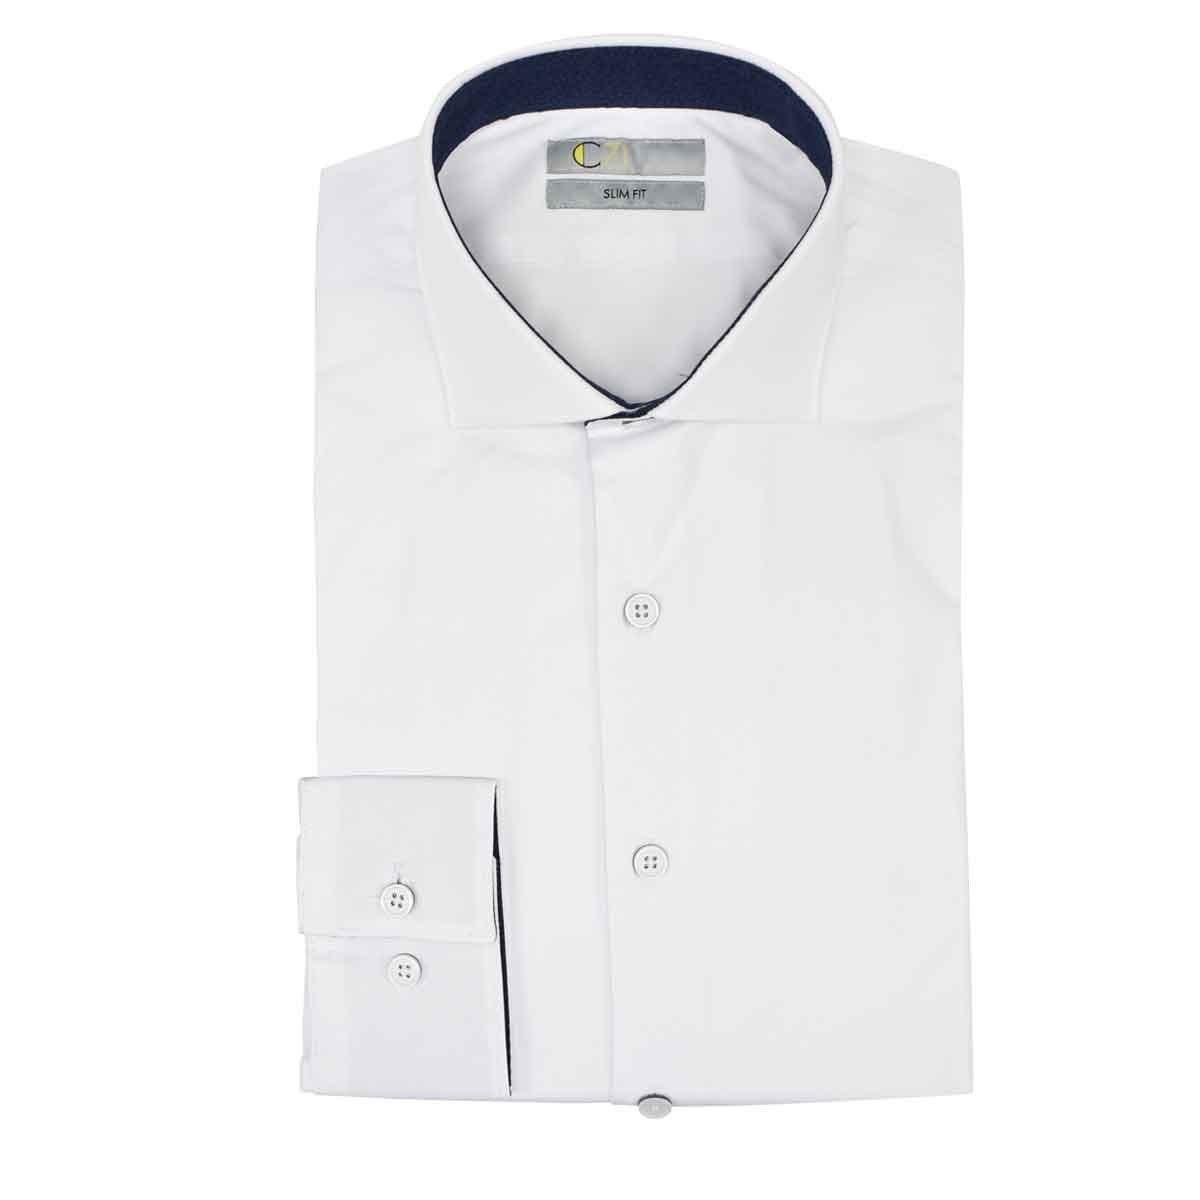 fc11a5a4f8 Camisa Lisa C71 -   900.00 en Mercado Libre